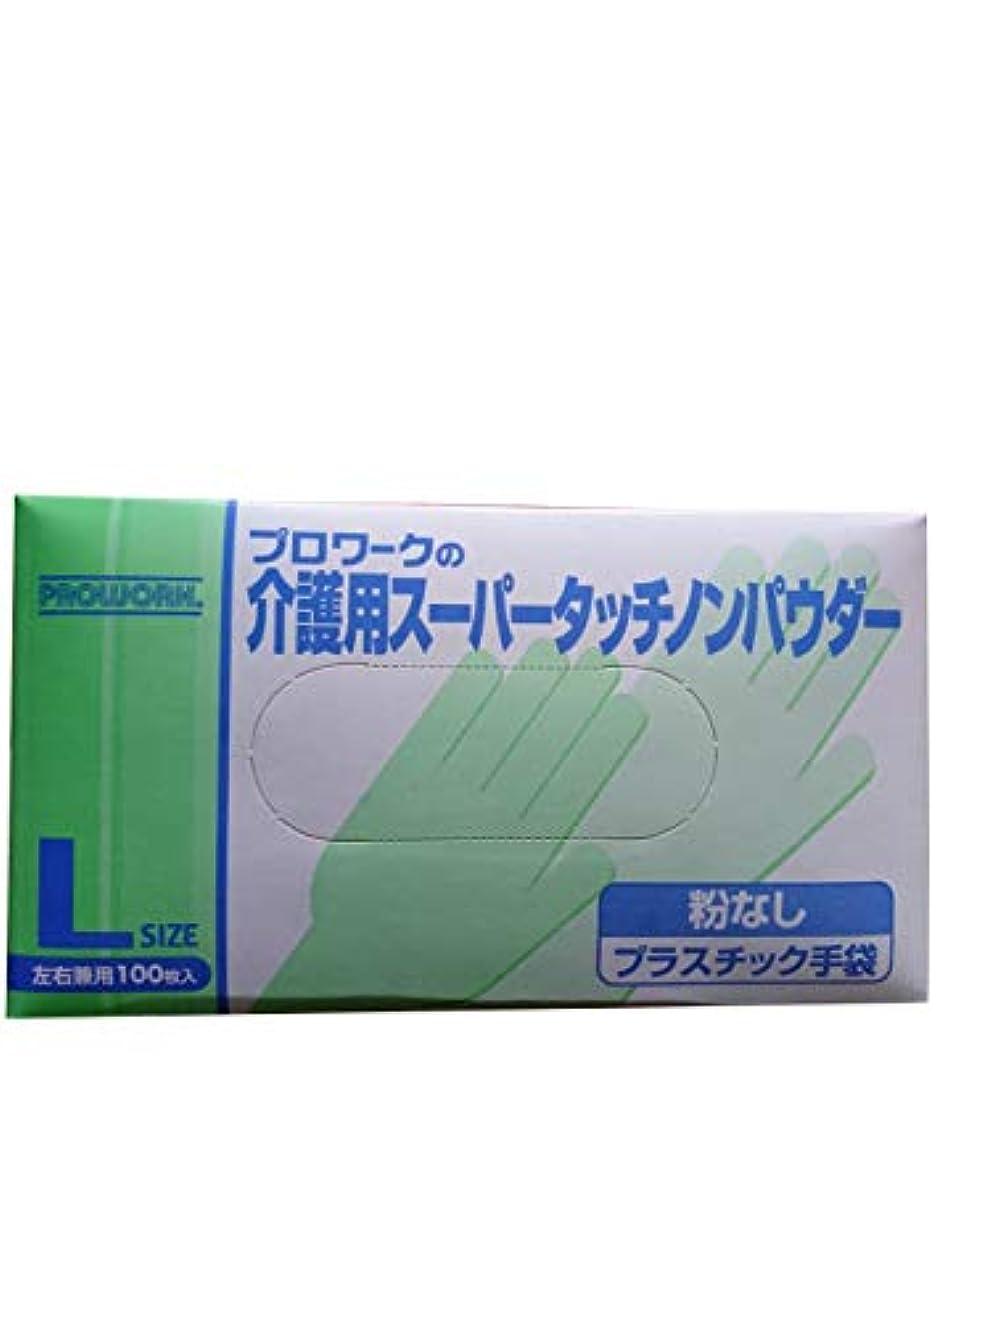 スポーツクラブ送る介護用スーパータッチノンパウダー プラスチック手袋 粉なし Lサイズ 左右兼用100枚入